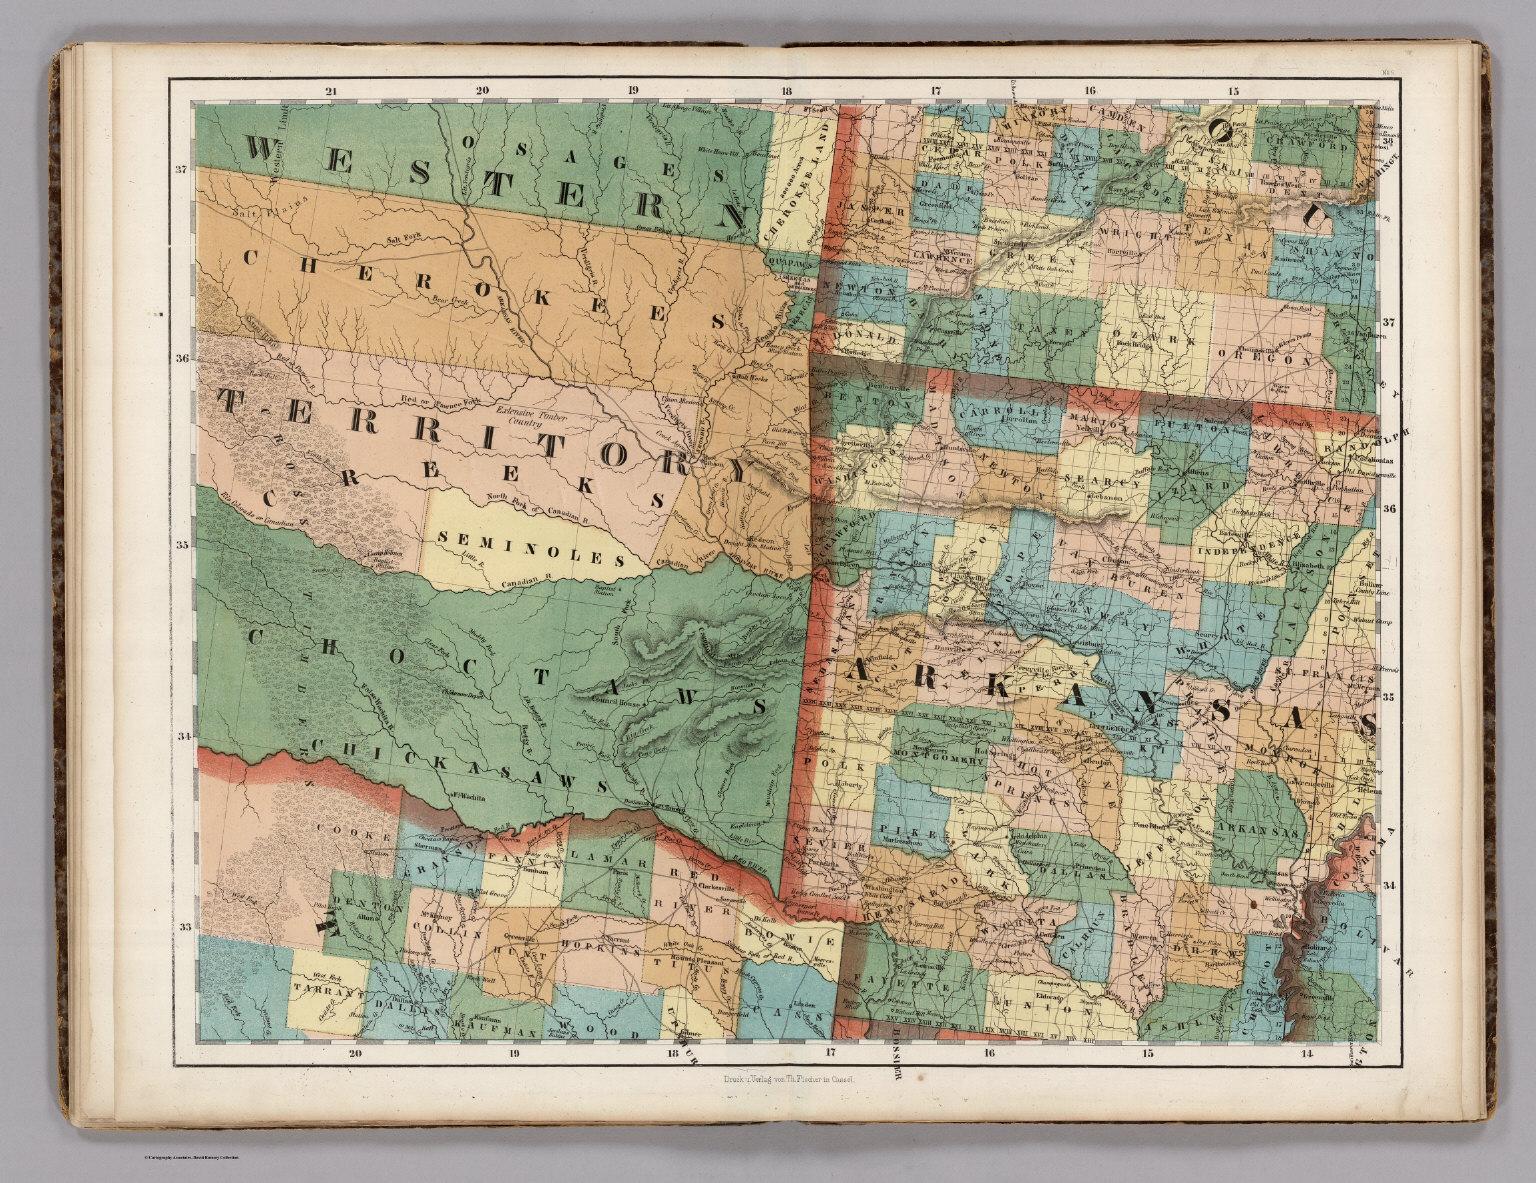 Arkansas Oklahoma Texas David Rumsey Historical Map Collection